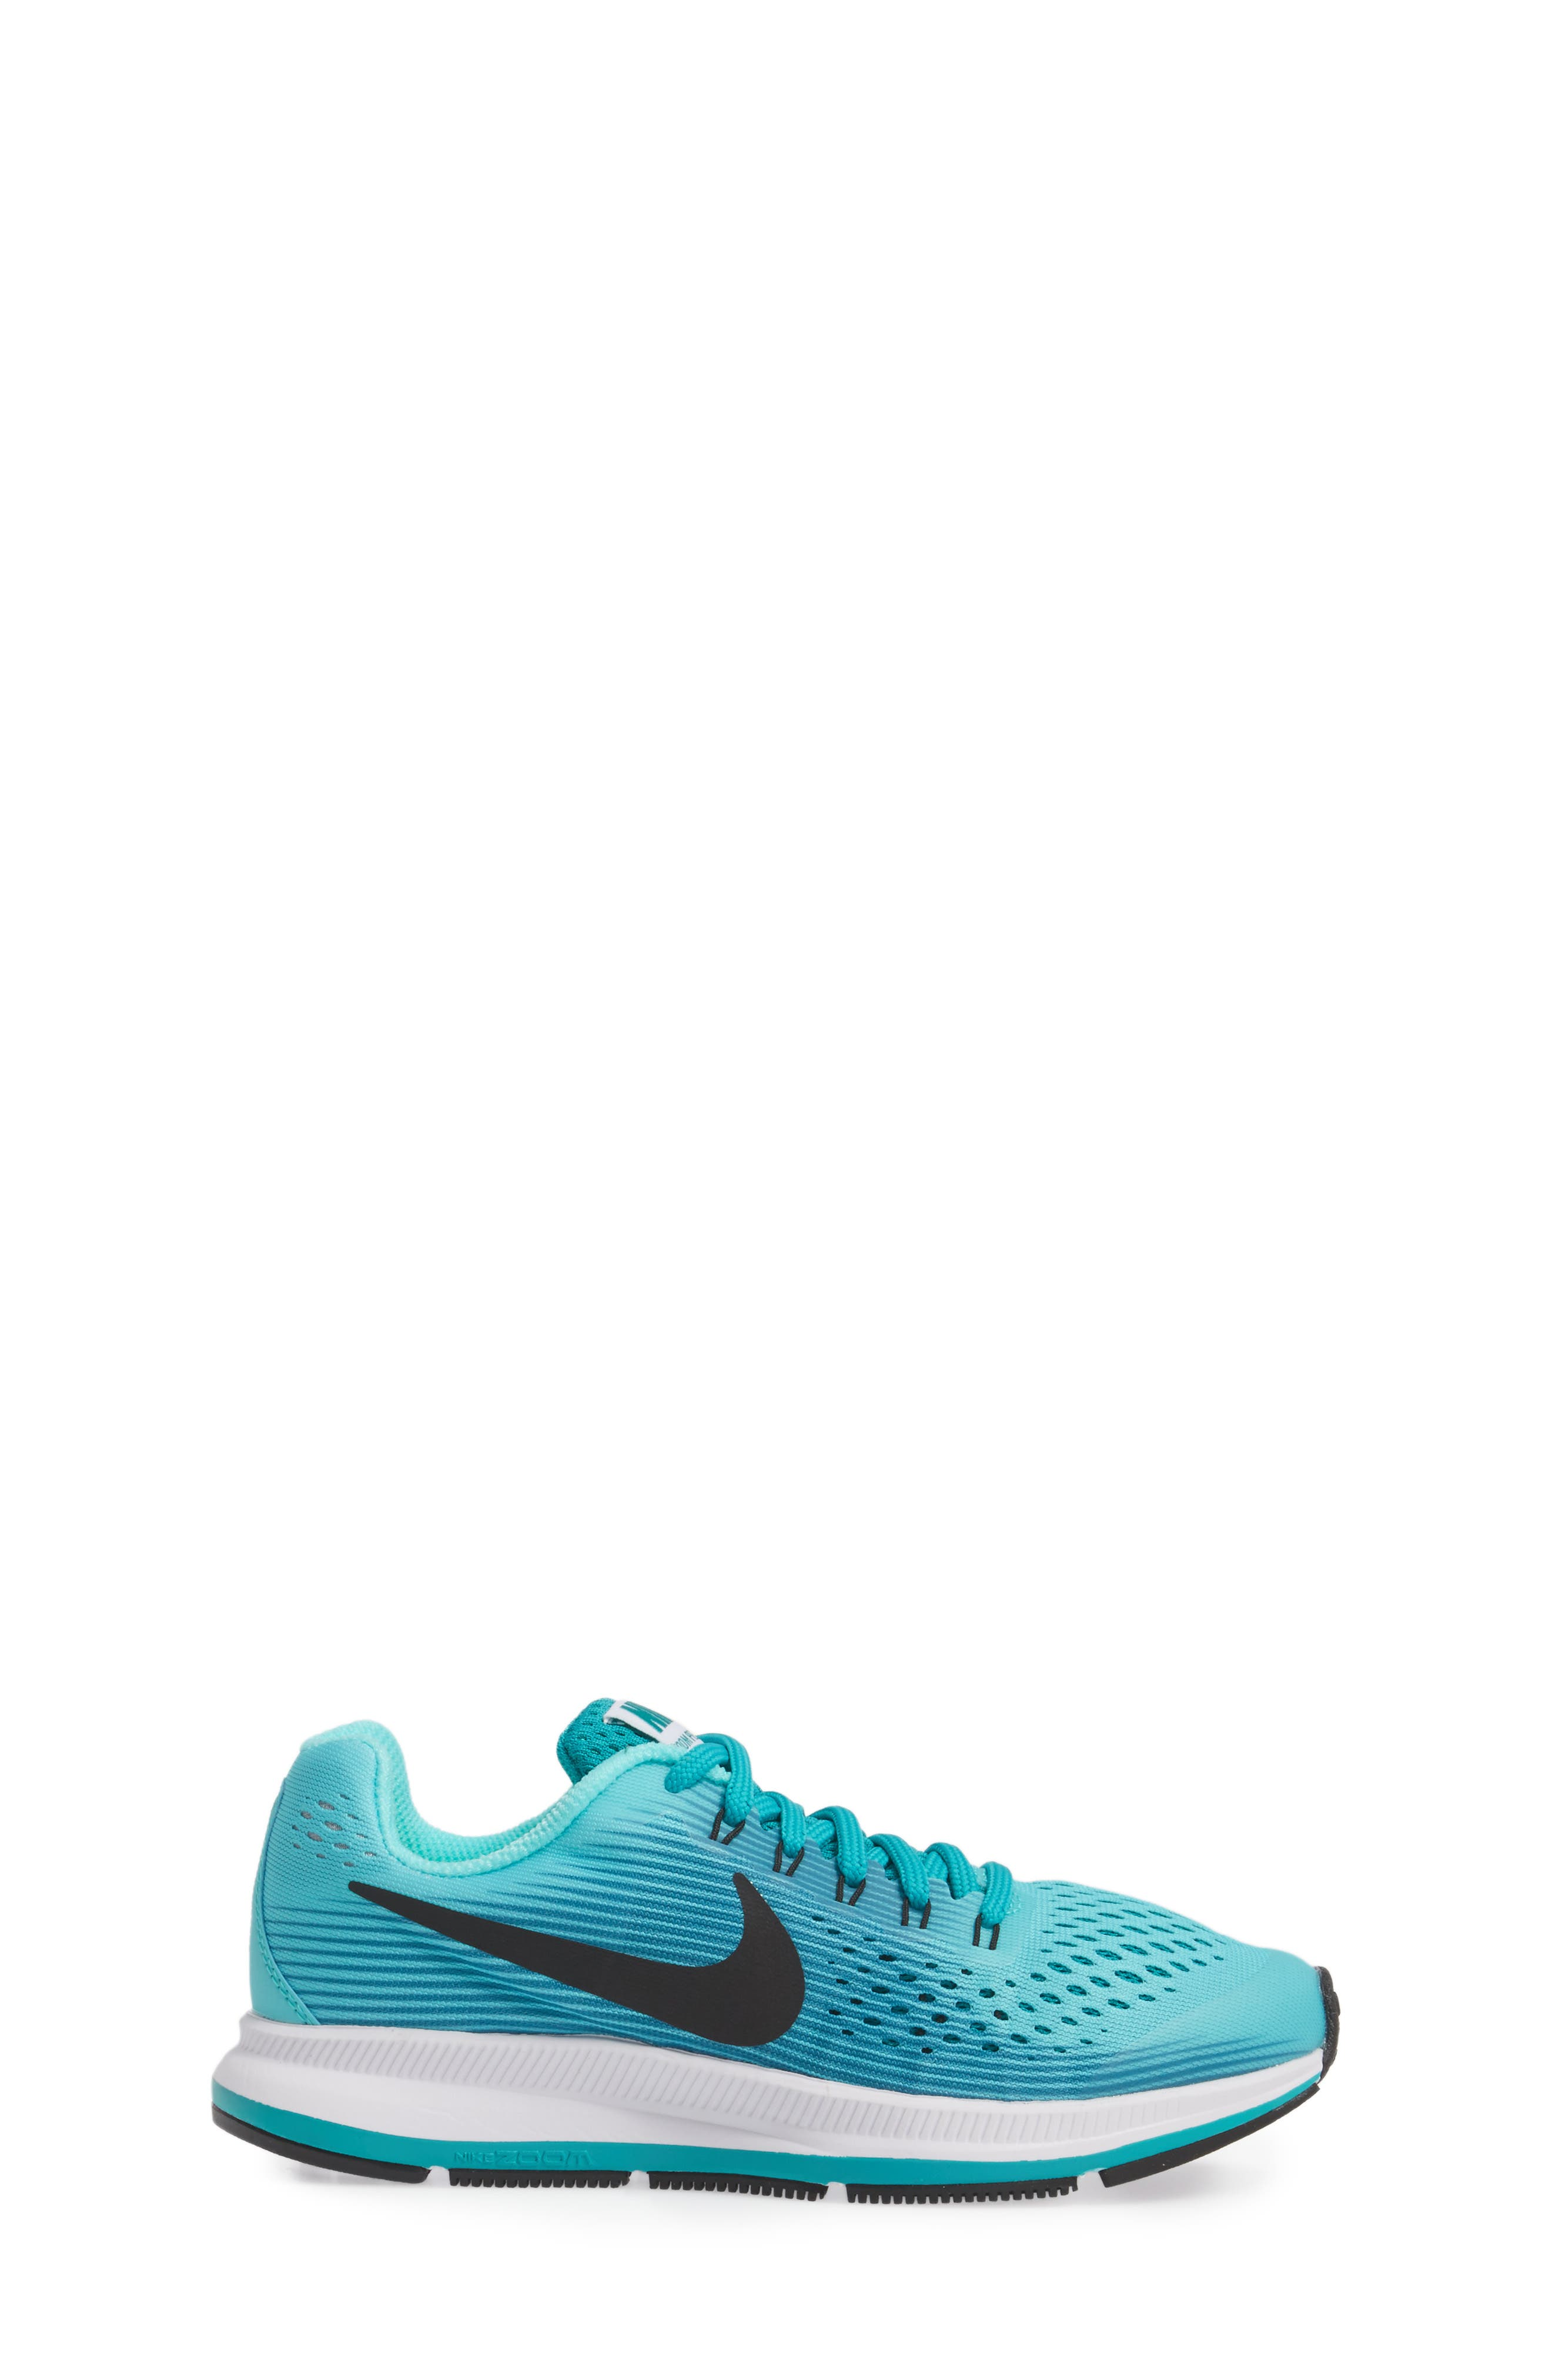 Alternate Image 3  - Nike Zoom Pegasus 34 Sneaker (Little Kid & Big Kid)